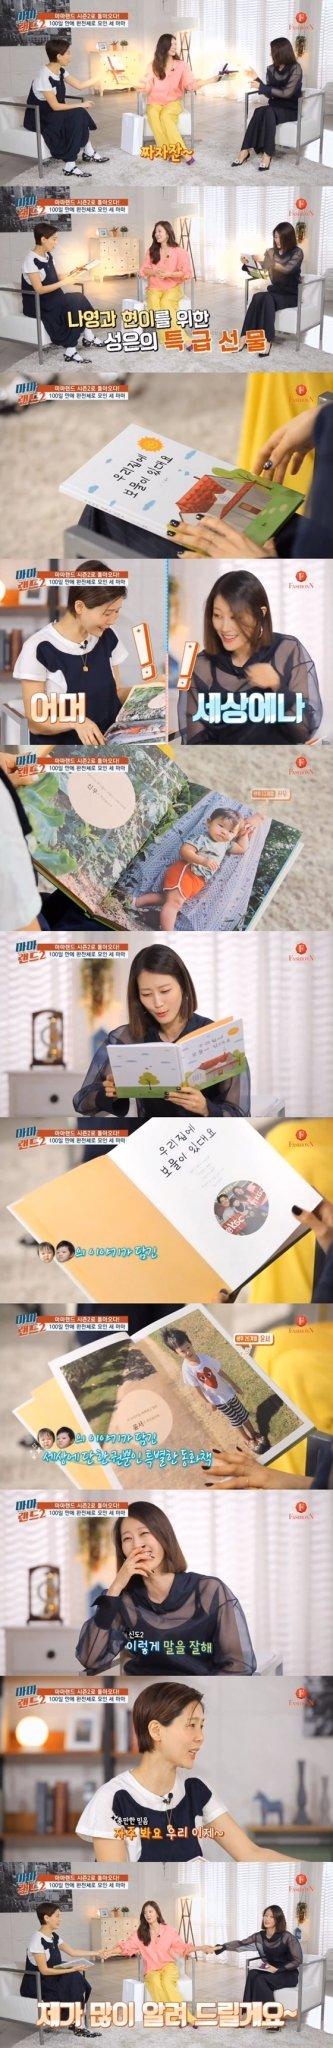 16알 방송된 패션앤 \'마마랜드2\'에서 김성은이 김나영, 이현이에게 특별히 준비한 동화책을 선물하고 있다. /사진=\'마마랜드2\' 방송 화면 캡처